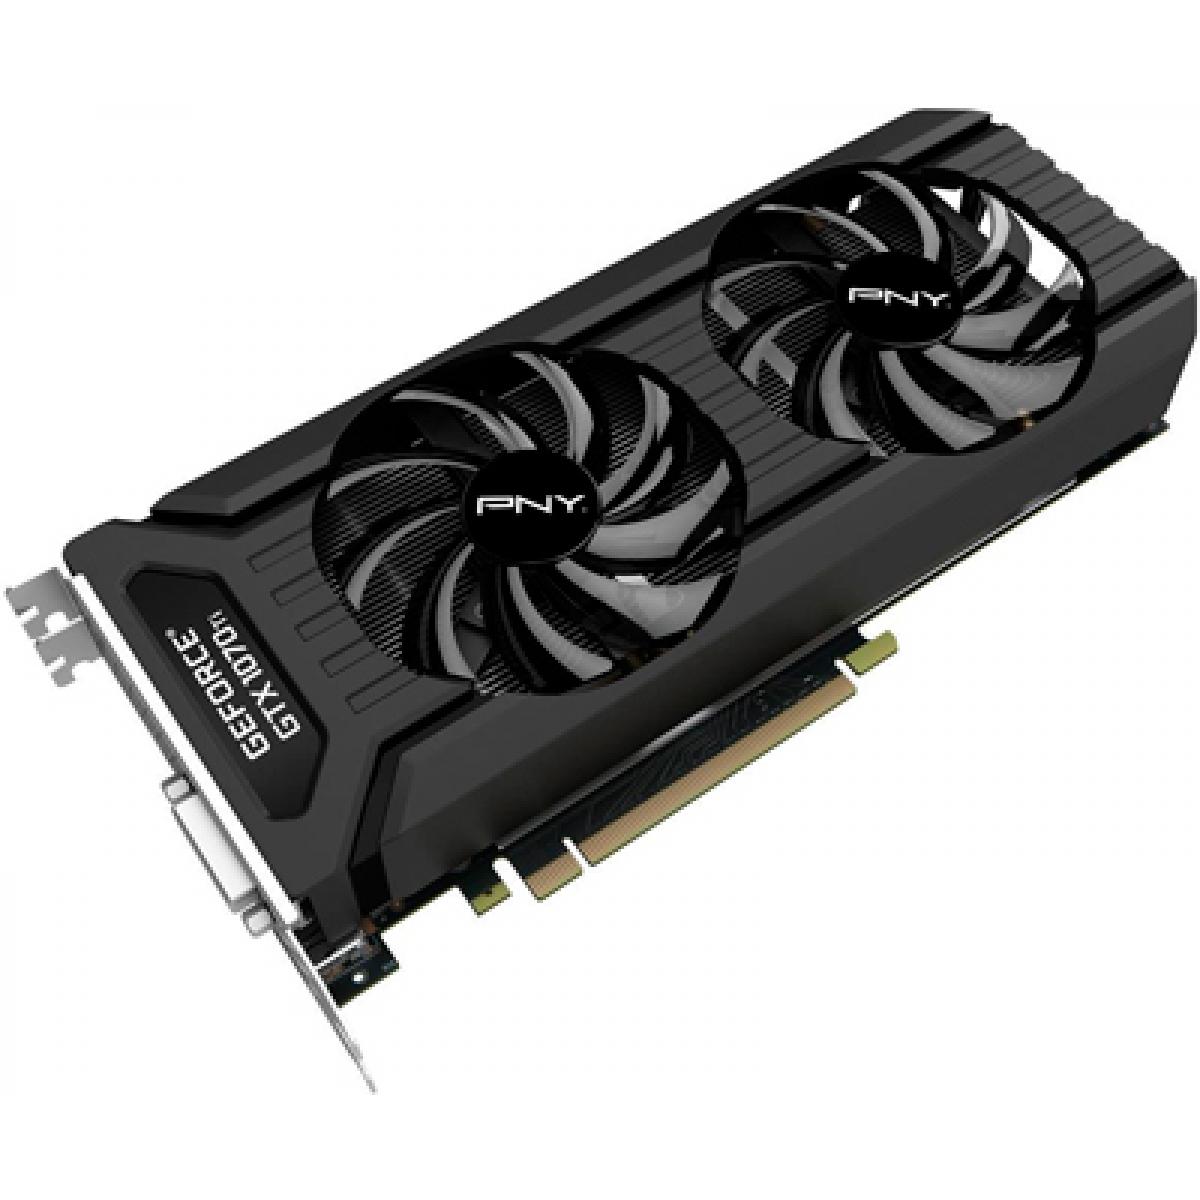 Placa de Vídeo PNY GeForce 1070 Ti Dual, 8GB GDDR5, 256Bit, GMX107TN3H8GS2KTP